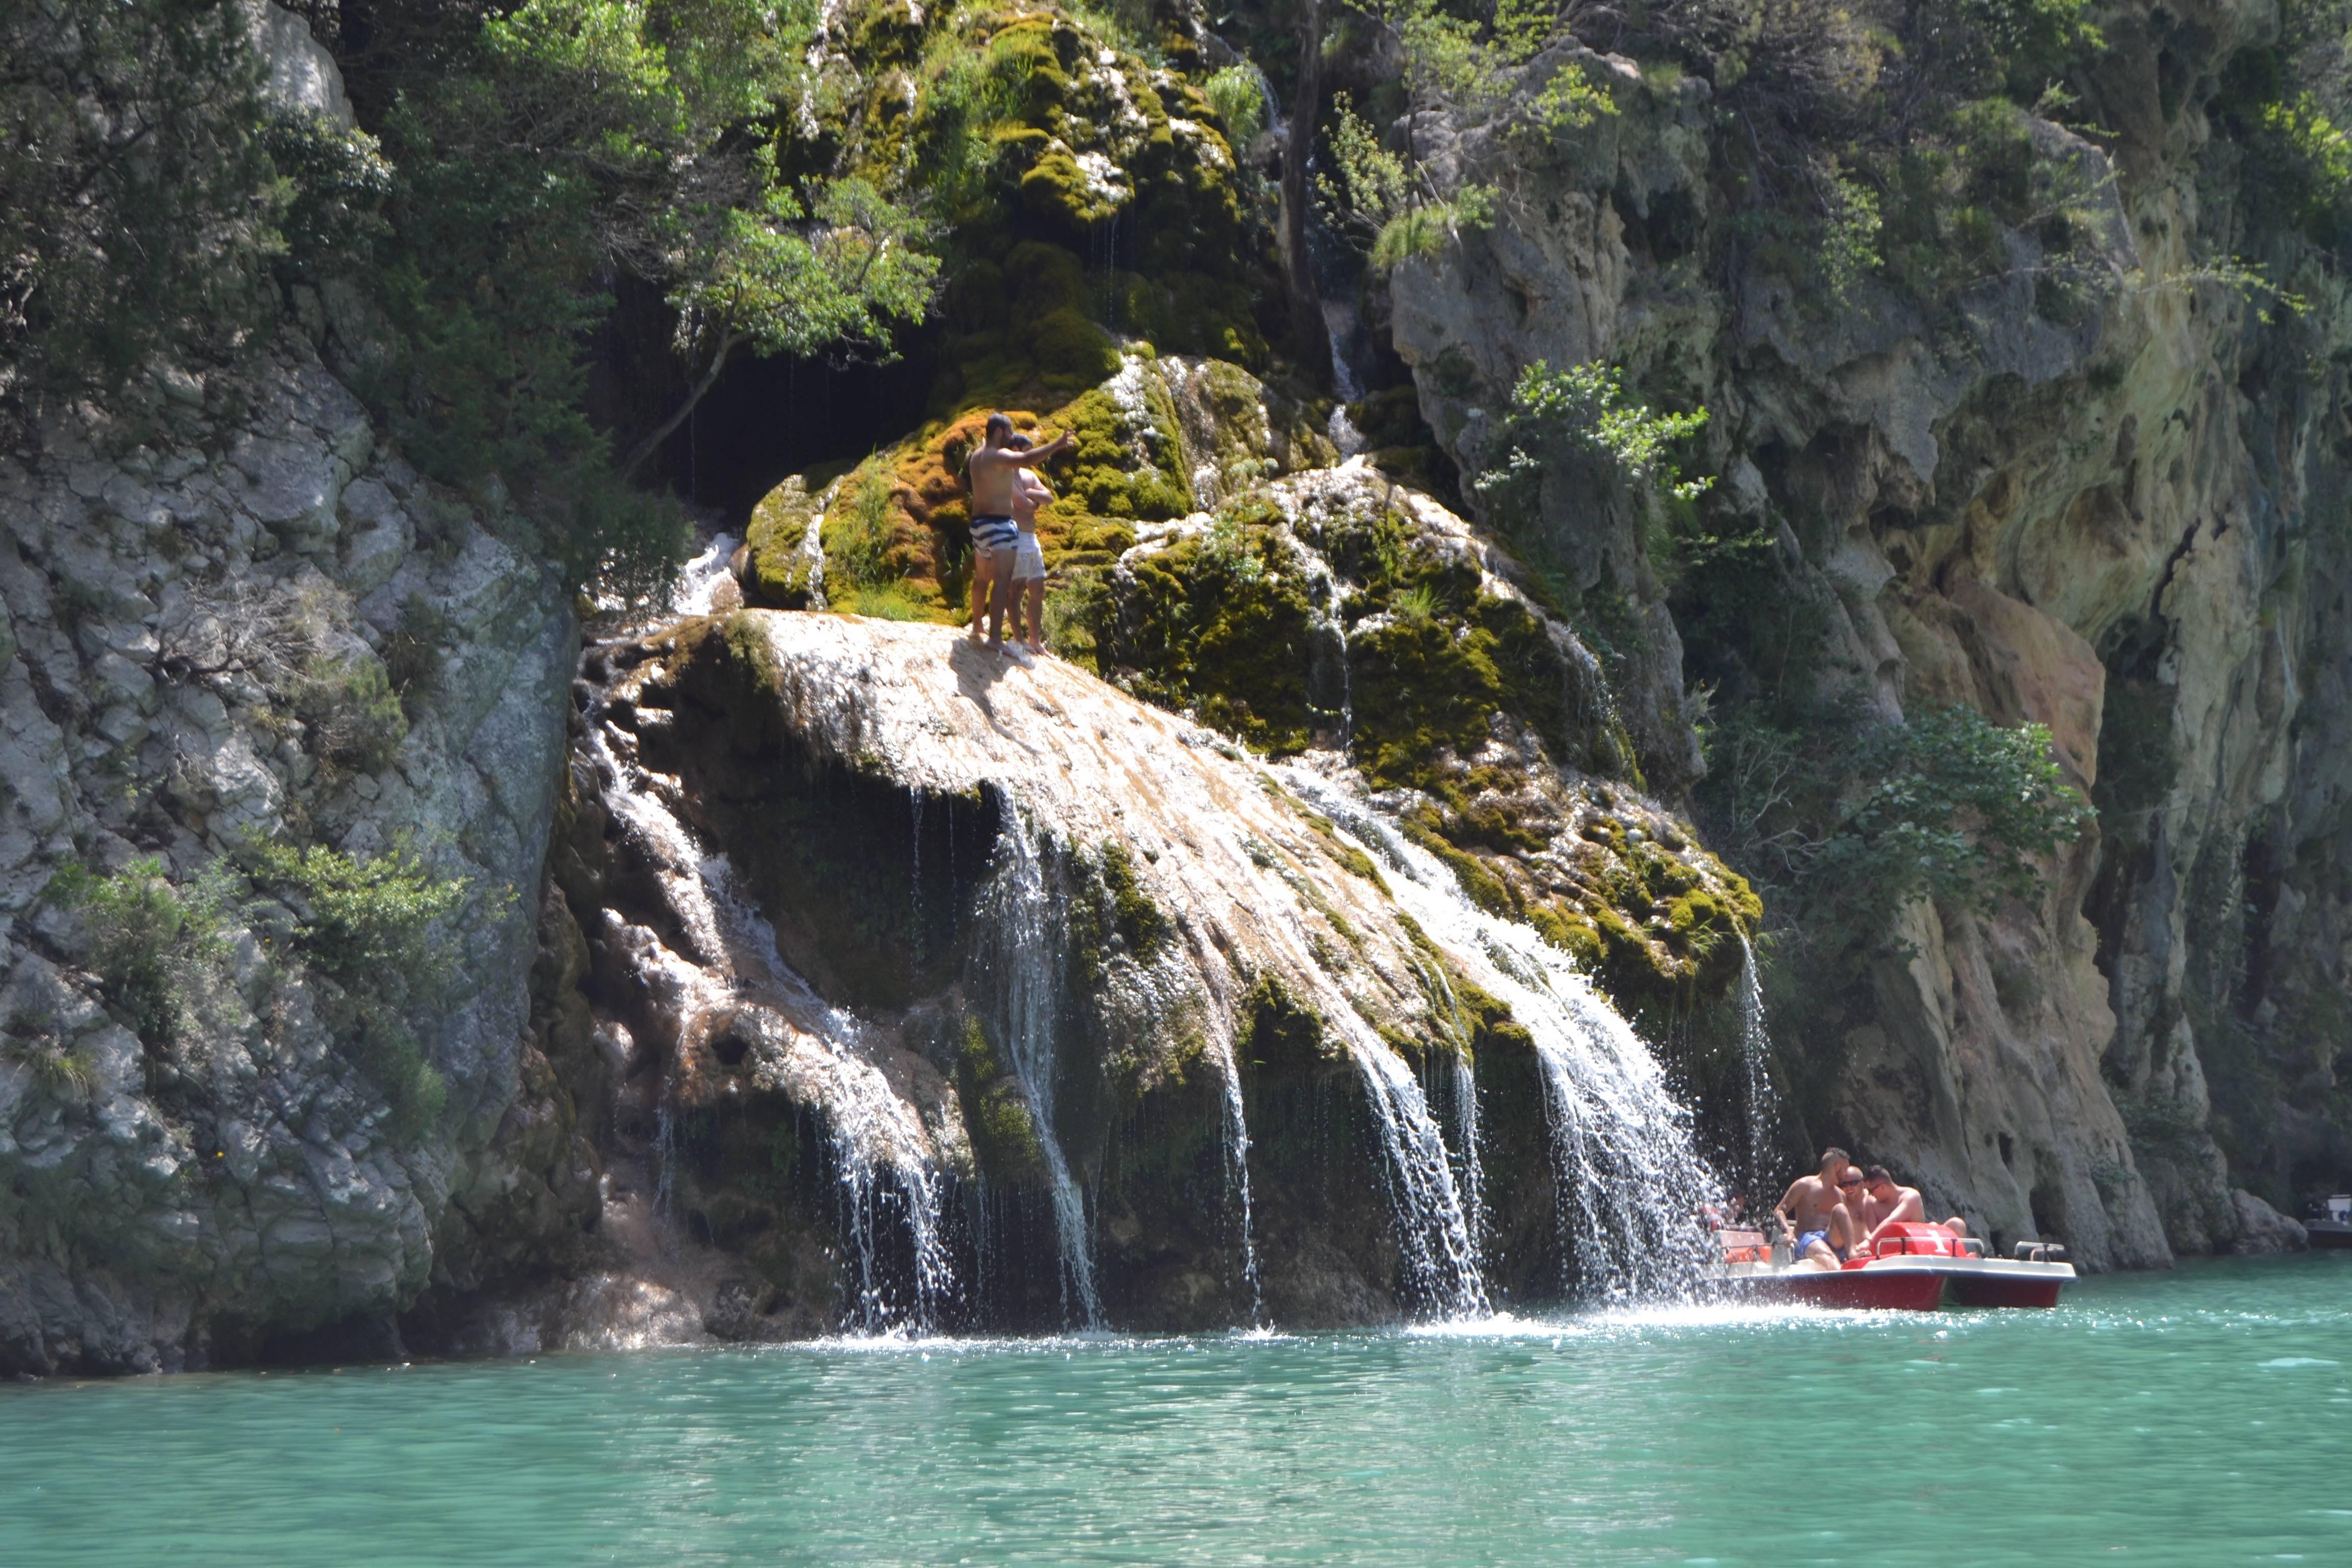 Photo 3: Baignade au lac de sainte croix dans les Gorges du Verdon